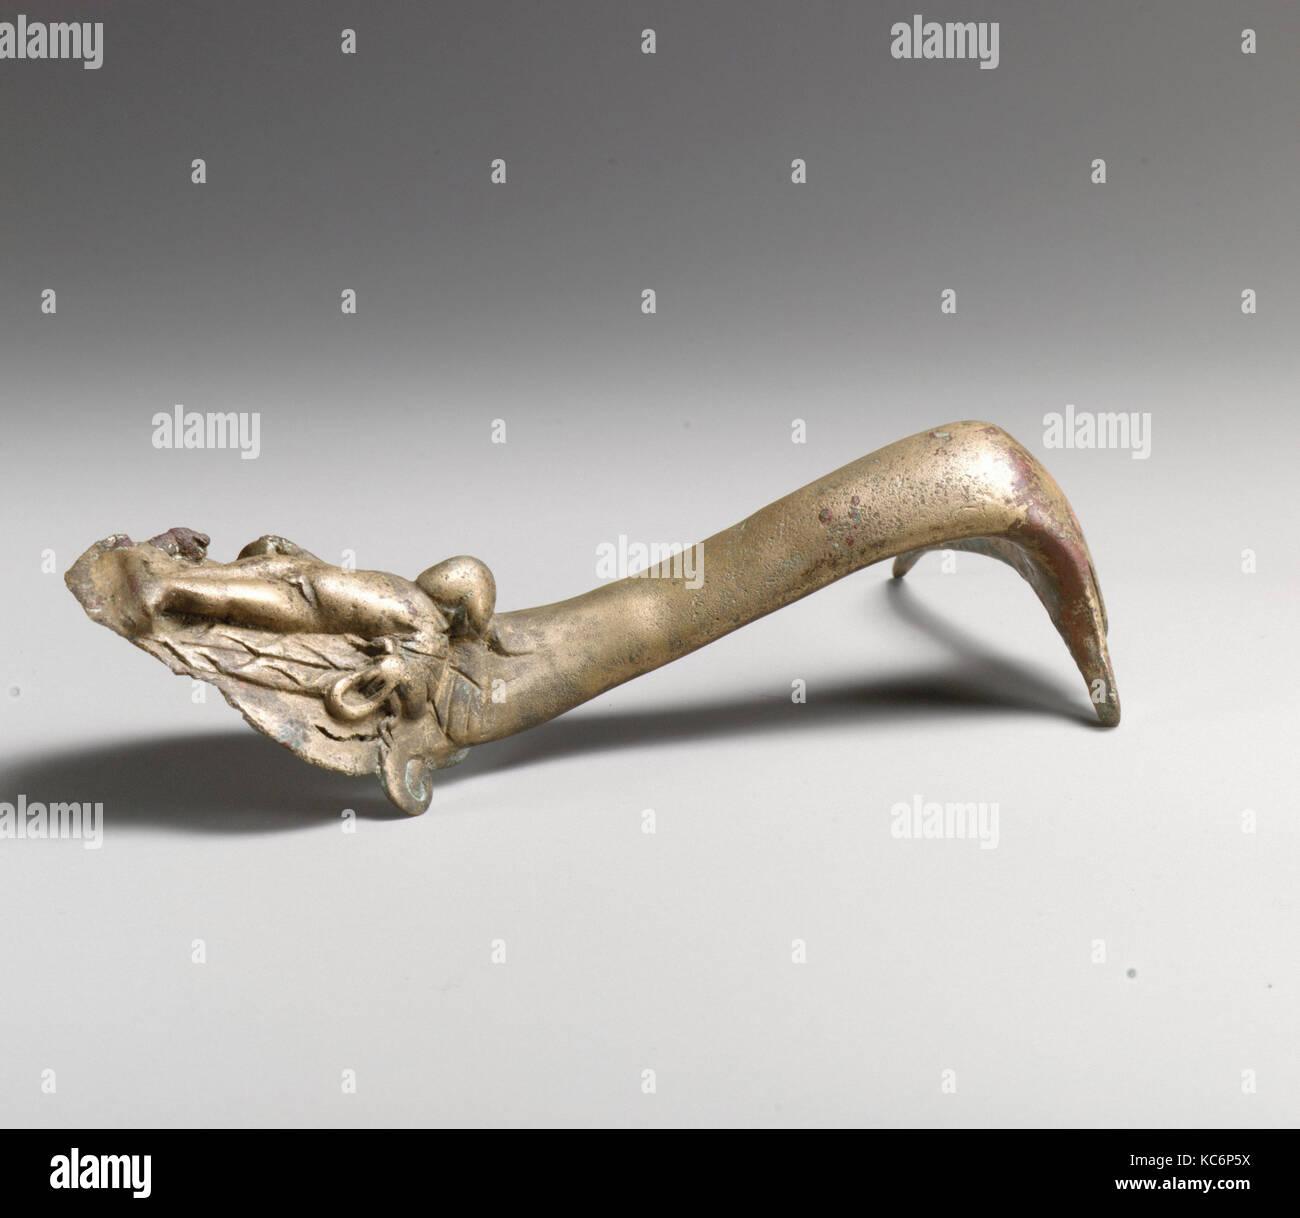 Maniglia con Eros, bronzo, H.: 6 a. (15,2 cm), bronzi Immagini Stock